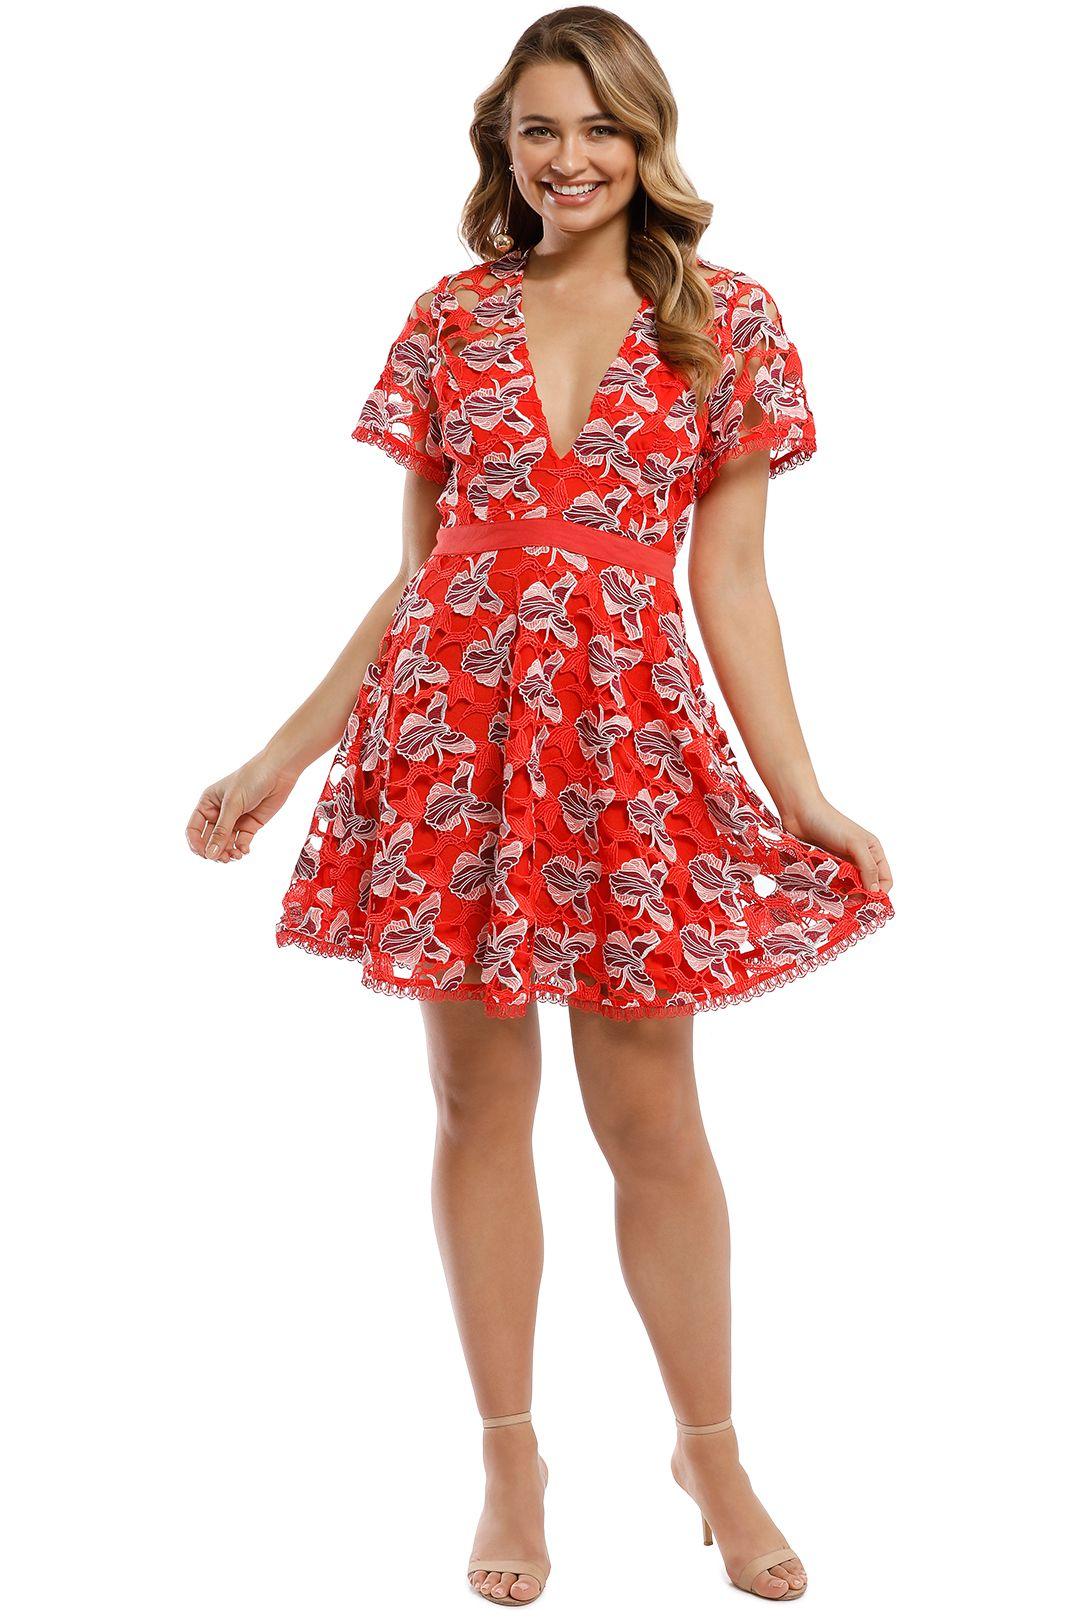 Talulah - Infatuation Mini Dress - Red Multi - Front